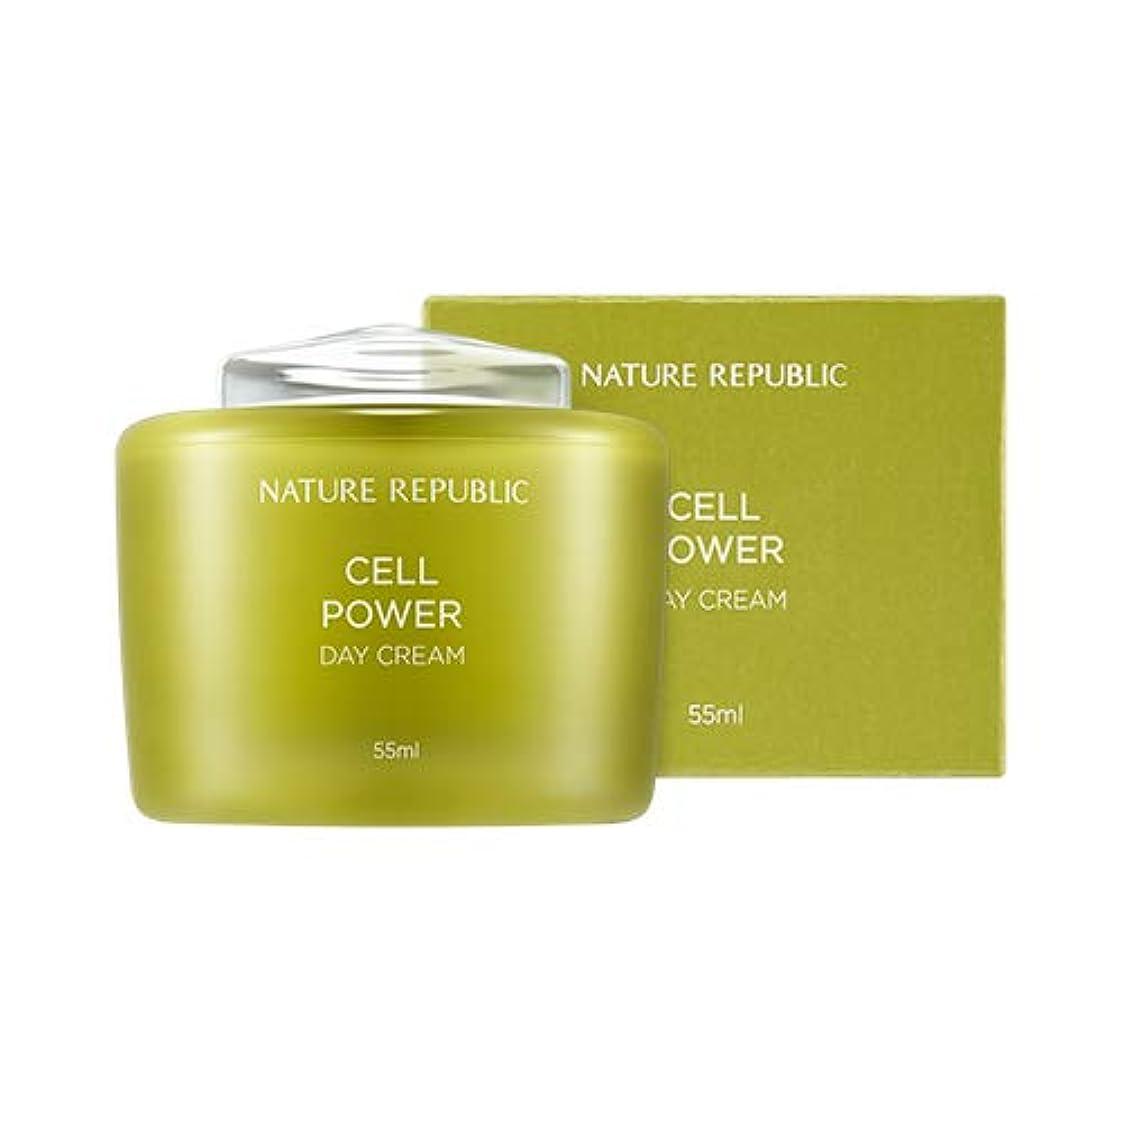 太鼓腹望み助けてNATURE REPUBLIC Cell Power Day Cream/ネイチャーリパブリック セルパワー デイクリーム 55ml [並行輸入品]